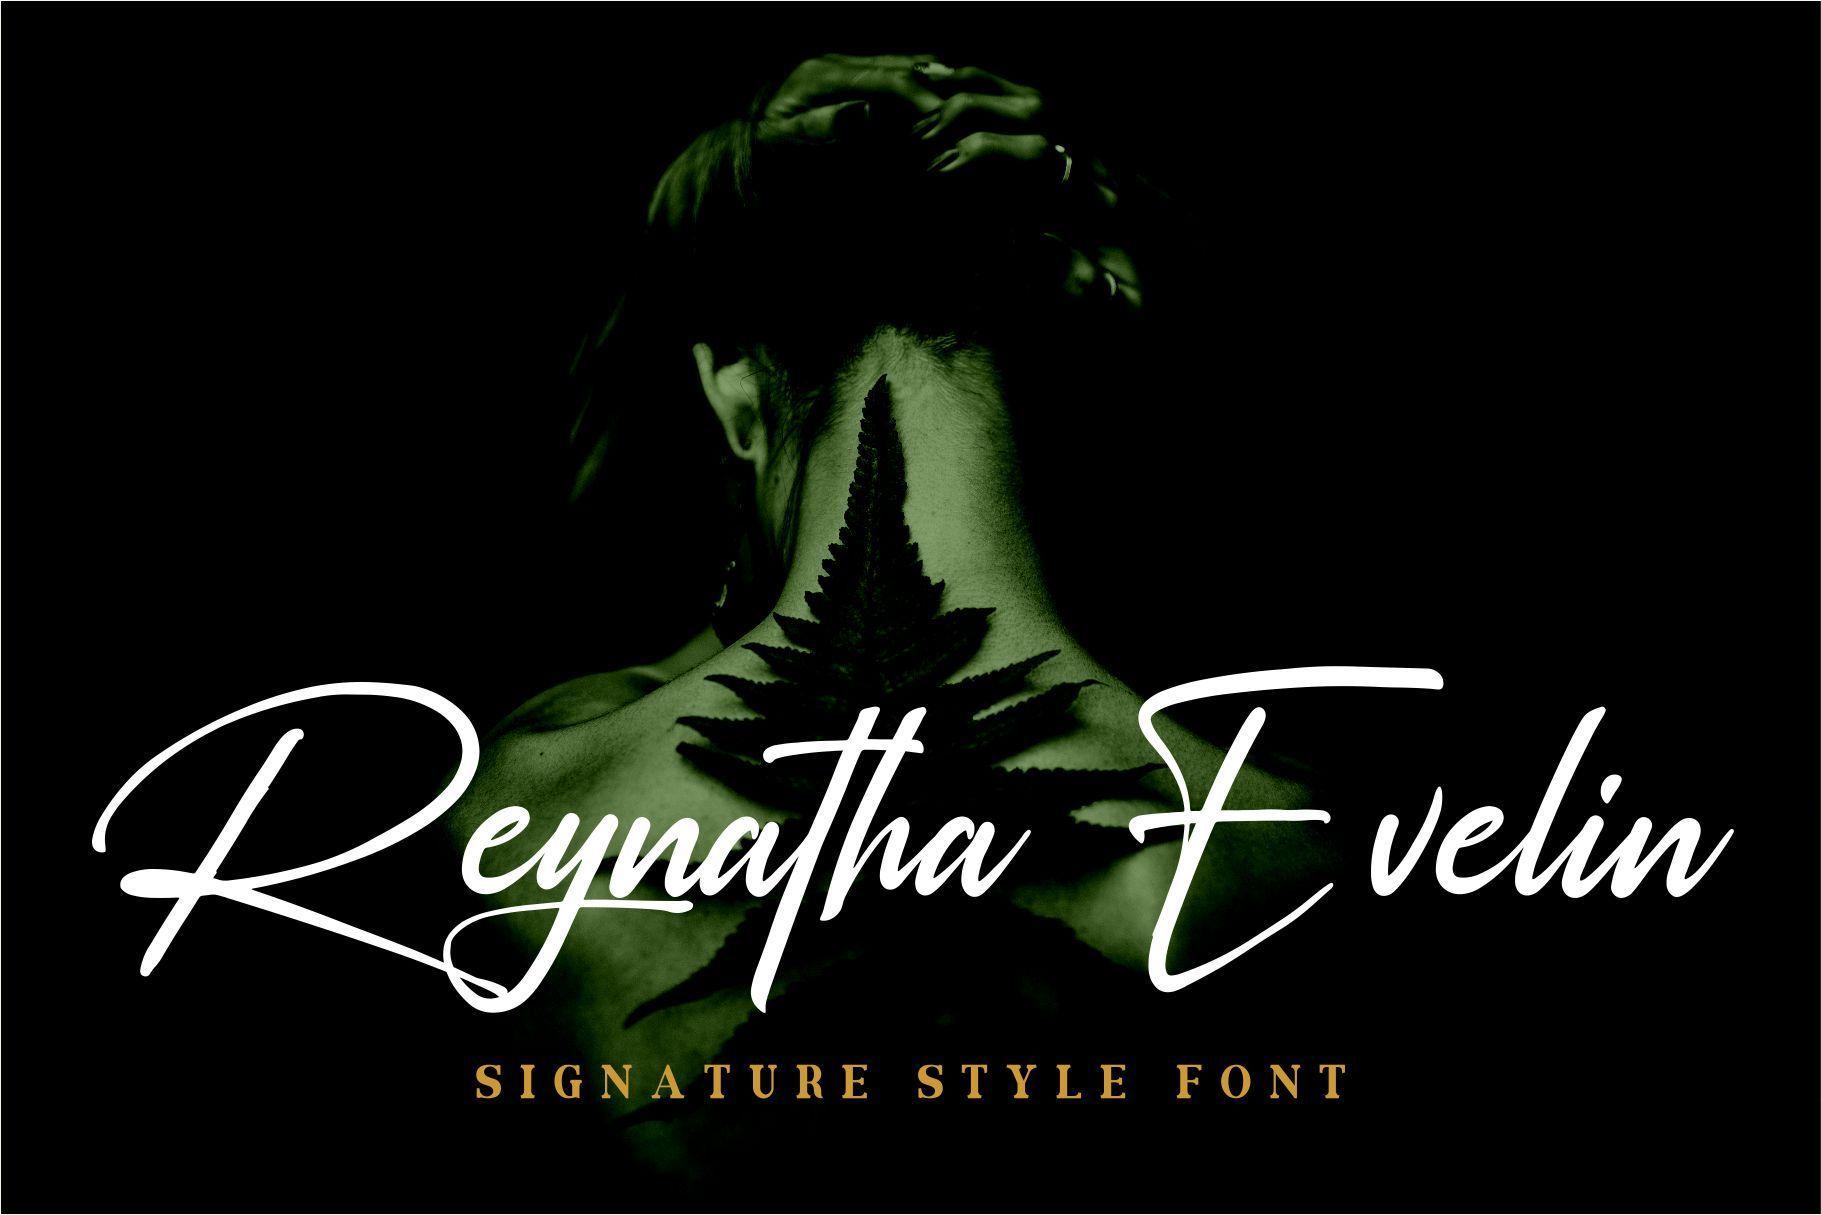 Rosellinda-Alyamore-Signature-Font-3